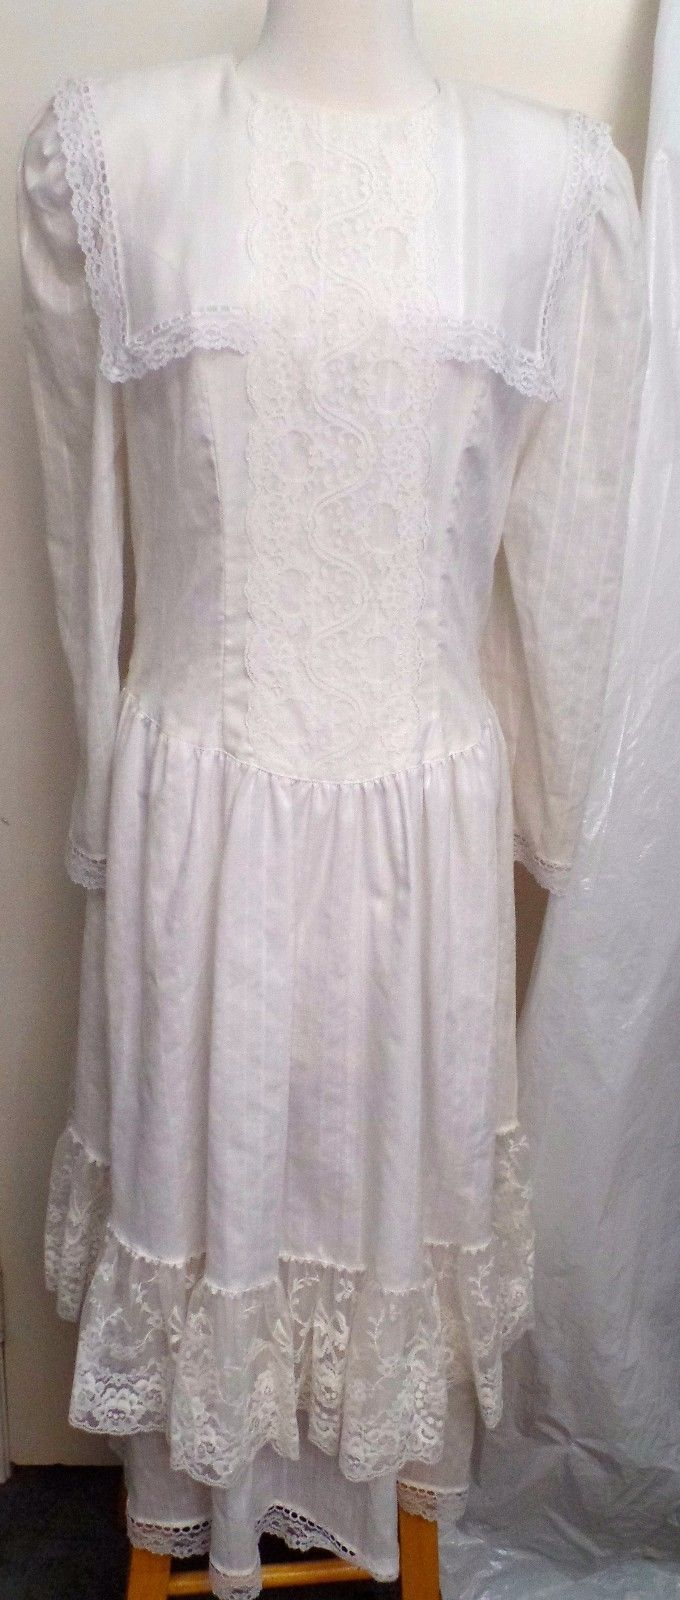 Vintage Gunne Sax Wedding Dress by Jessica McClintockSize